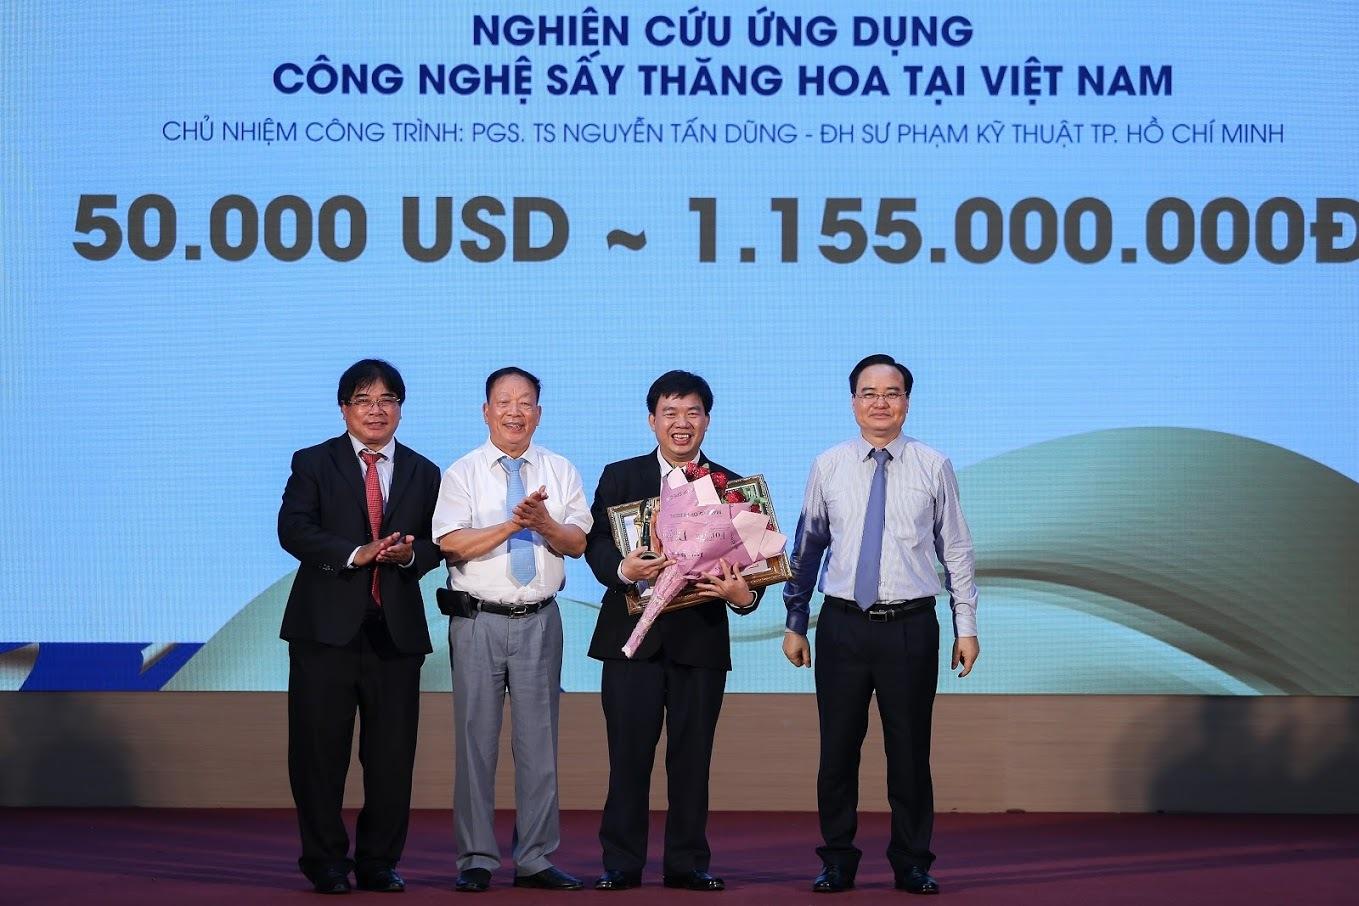 Công trình 20 năm giúp giảng viên giành 50.000 USD